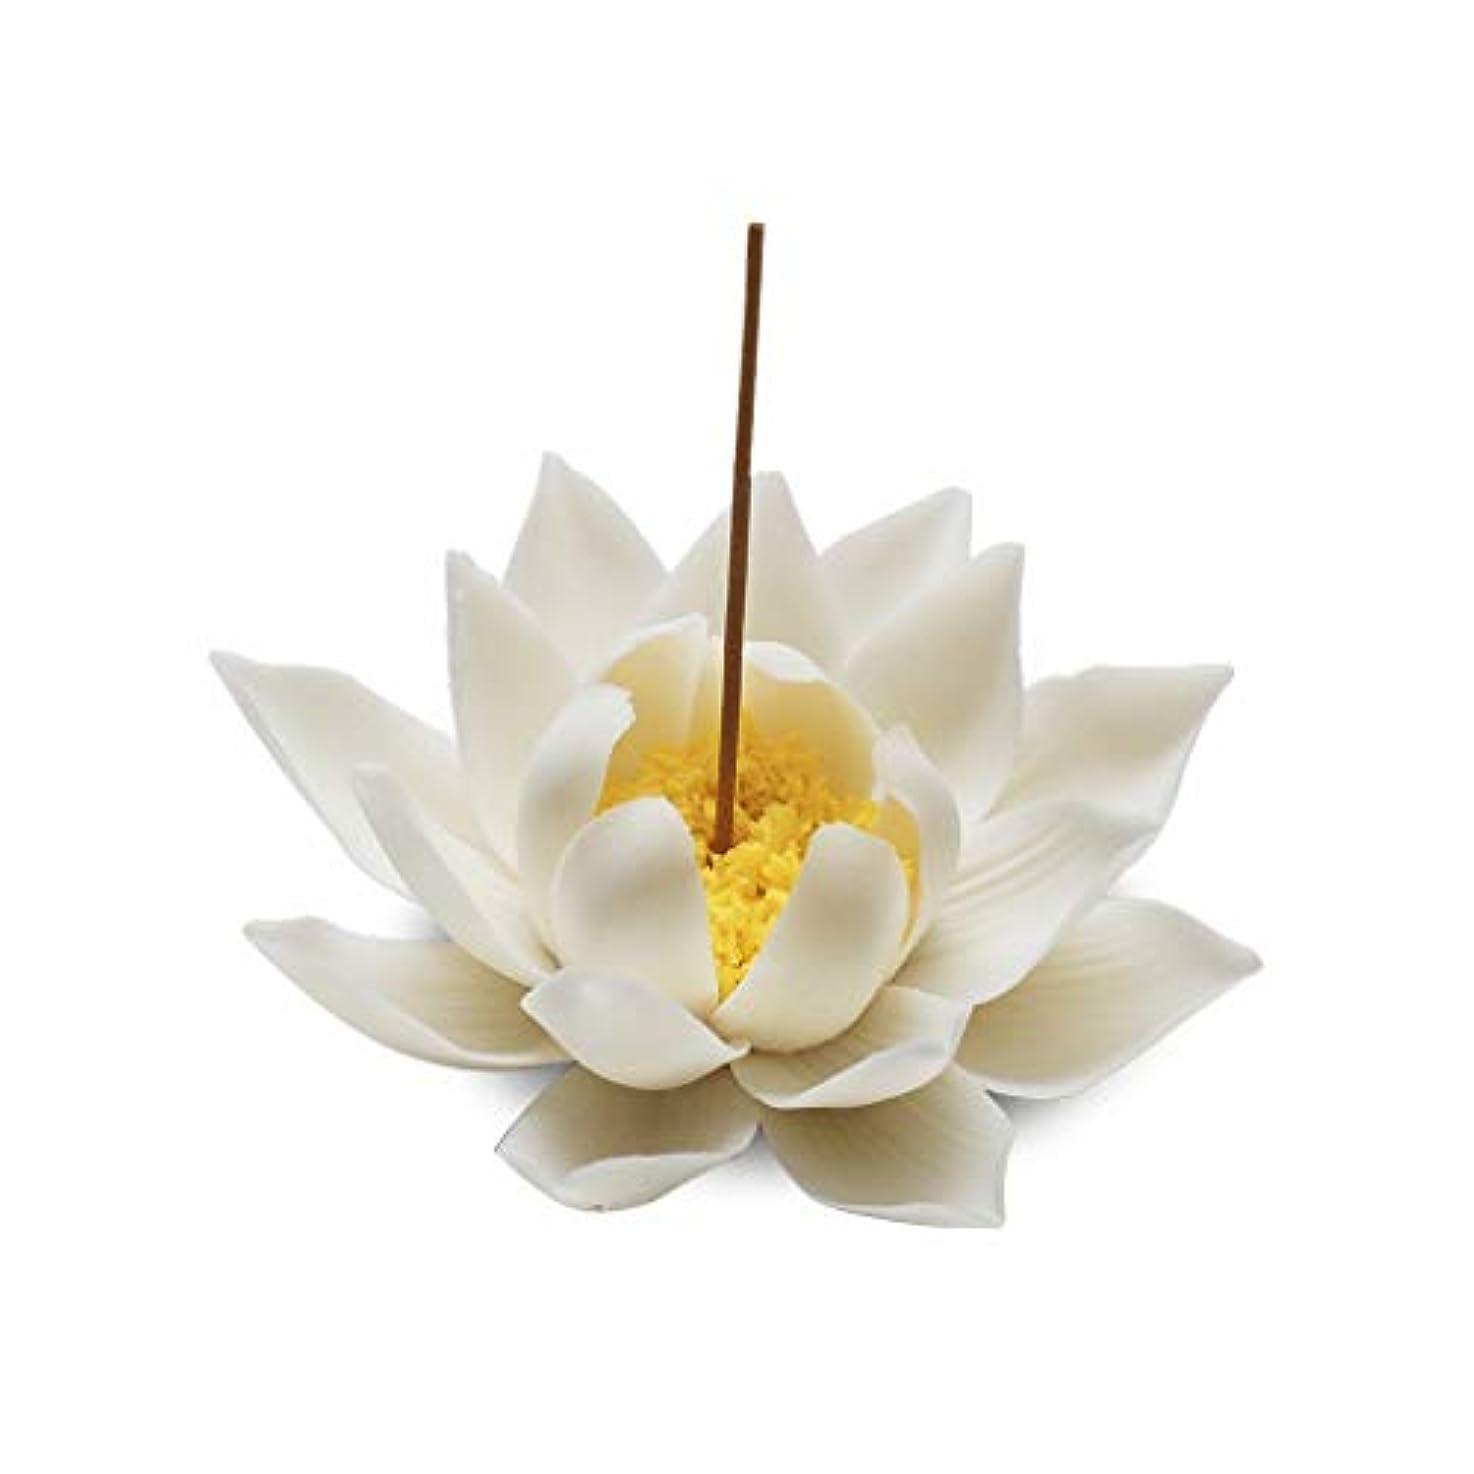 真っ逆さま提供するうねるセラミック蓮香バーナー家の装飾香スティックホルダー仏教アロマセラピー香炉ホームオフィス用 (Color : A)